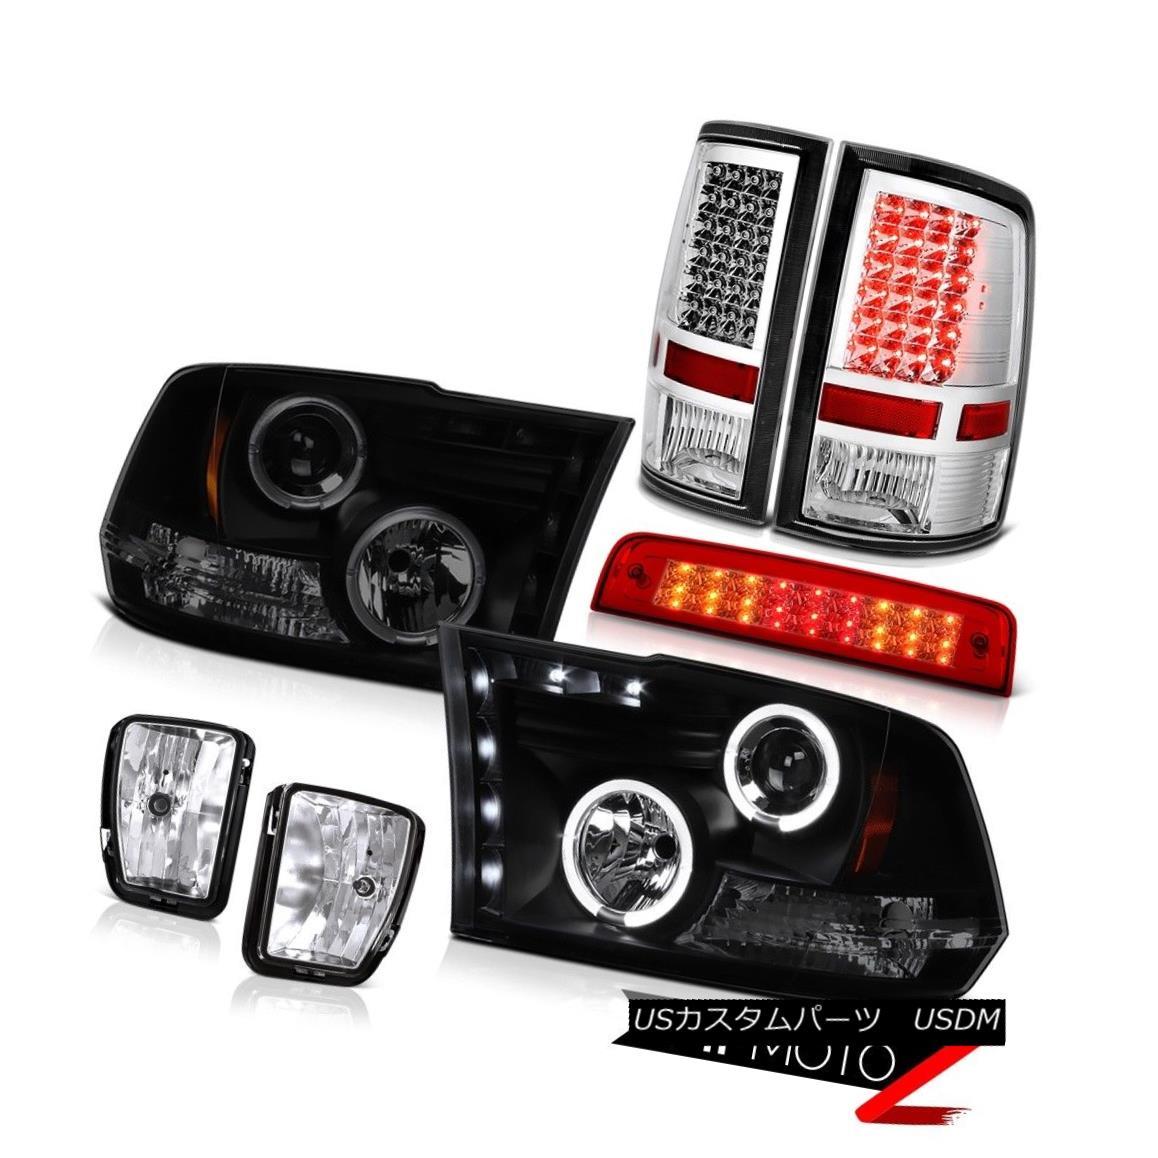 テールライト 2013-2018 Ram 1500 SLT Red Roof Brake Lamp Fog Lamps Rear Headlights Dual Halo 2013-2018ラム1500 SLTレッドルーフブレーキランプフォグランプリアヘッドライトデュアルヘイロー